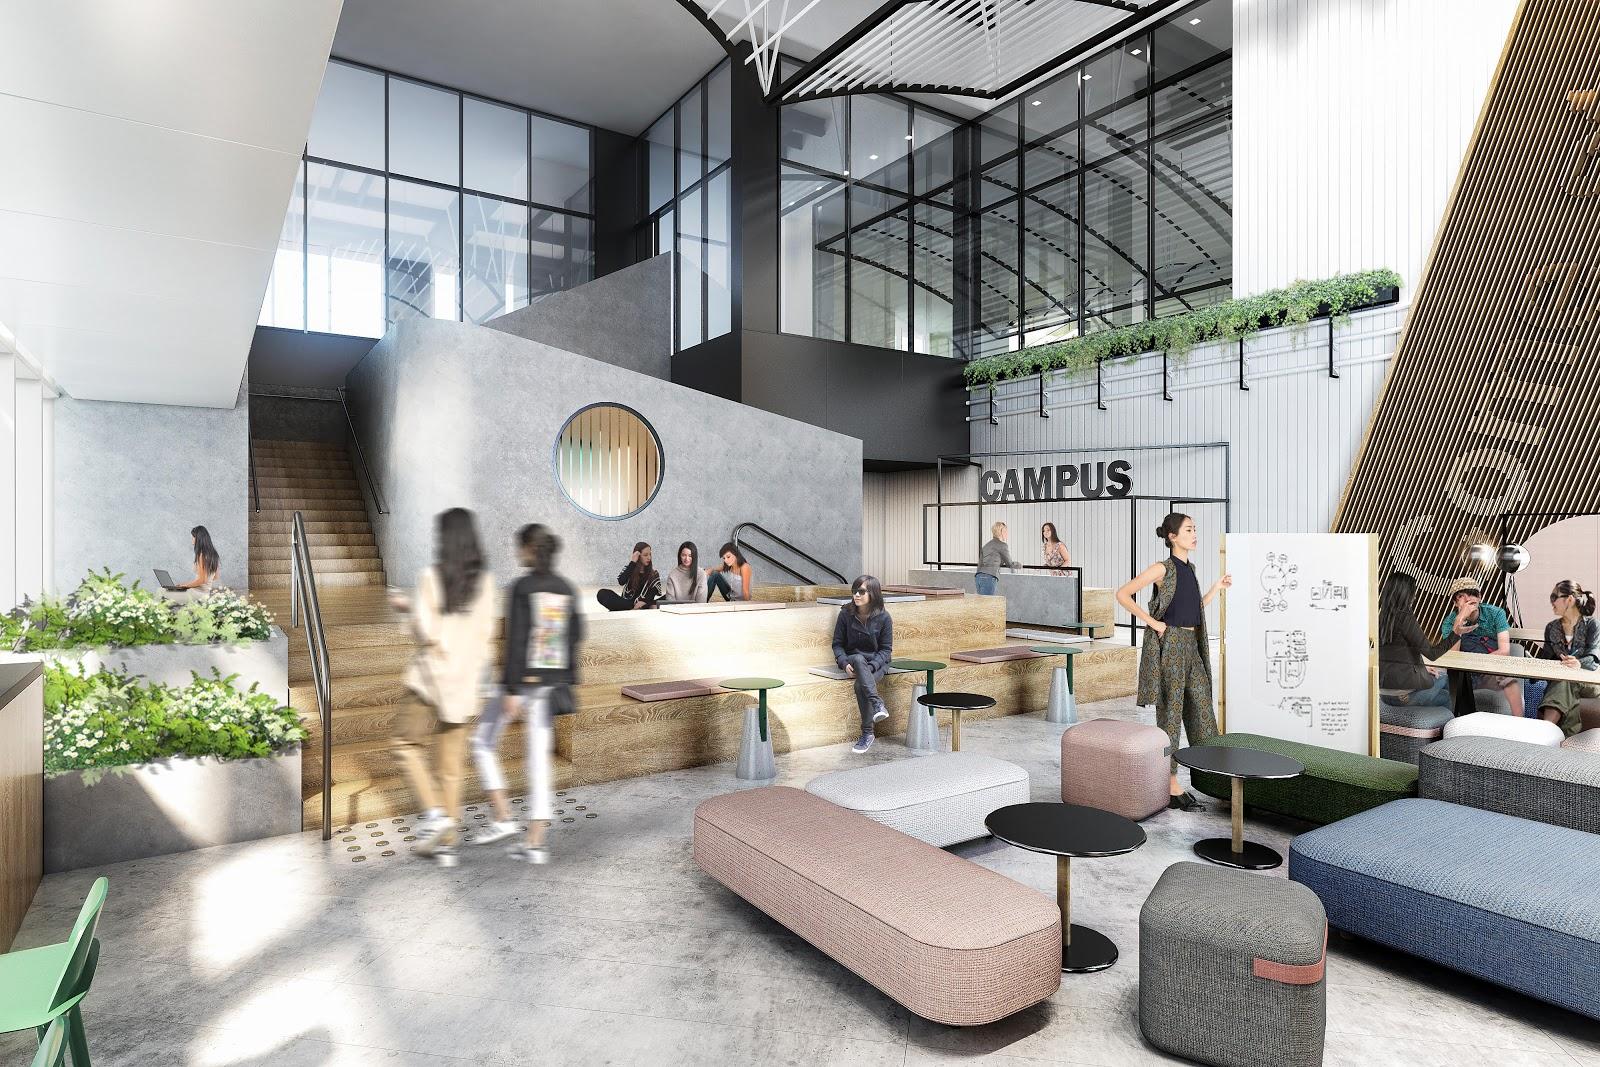 Google、スタートアップ支援の「Google for Startups Campus」を渋谷に開設